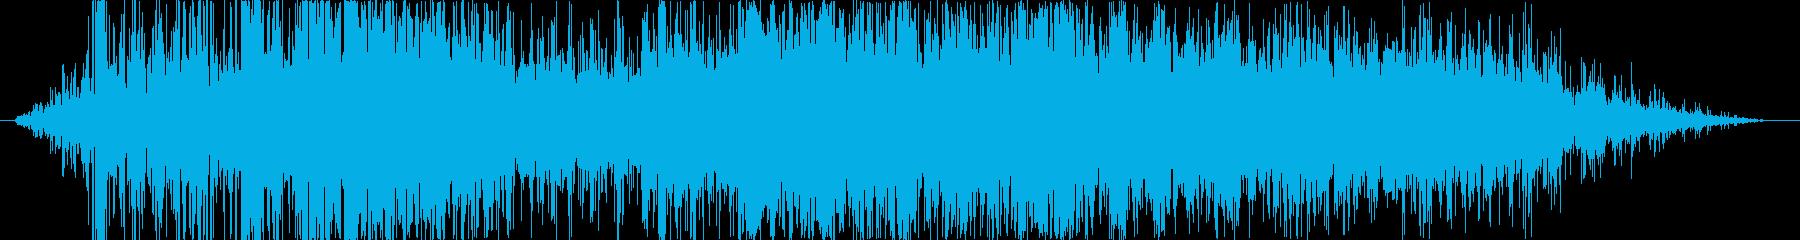 ヘビーロックスライドの再生済みの波形